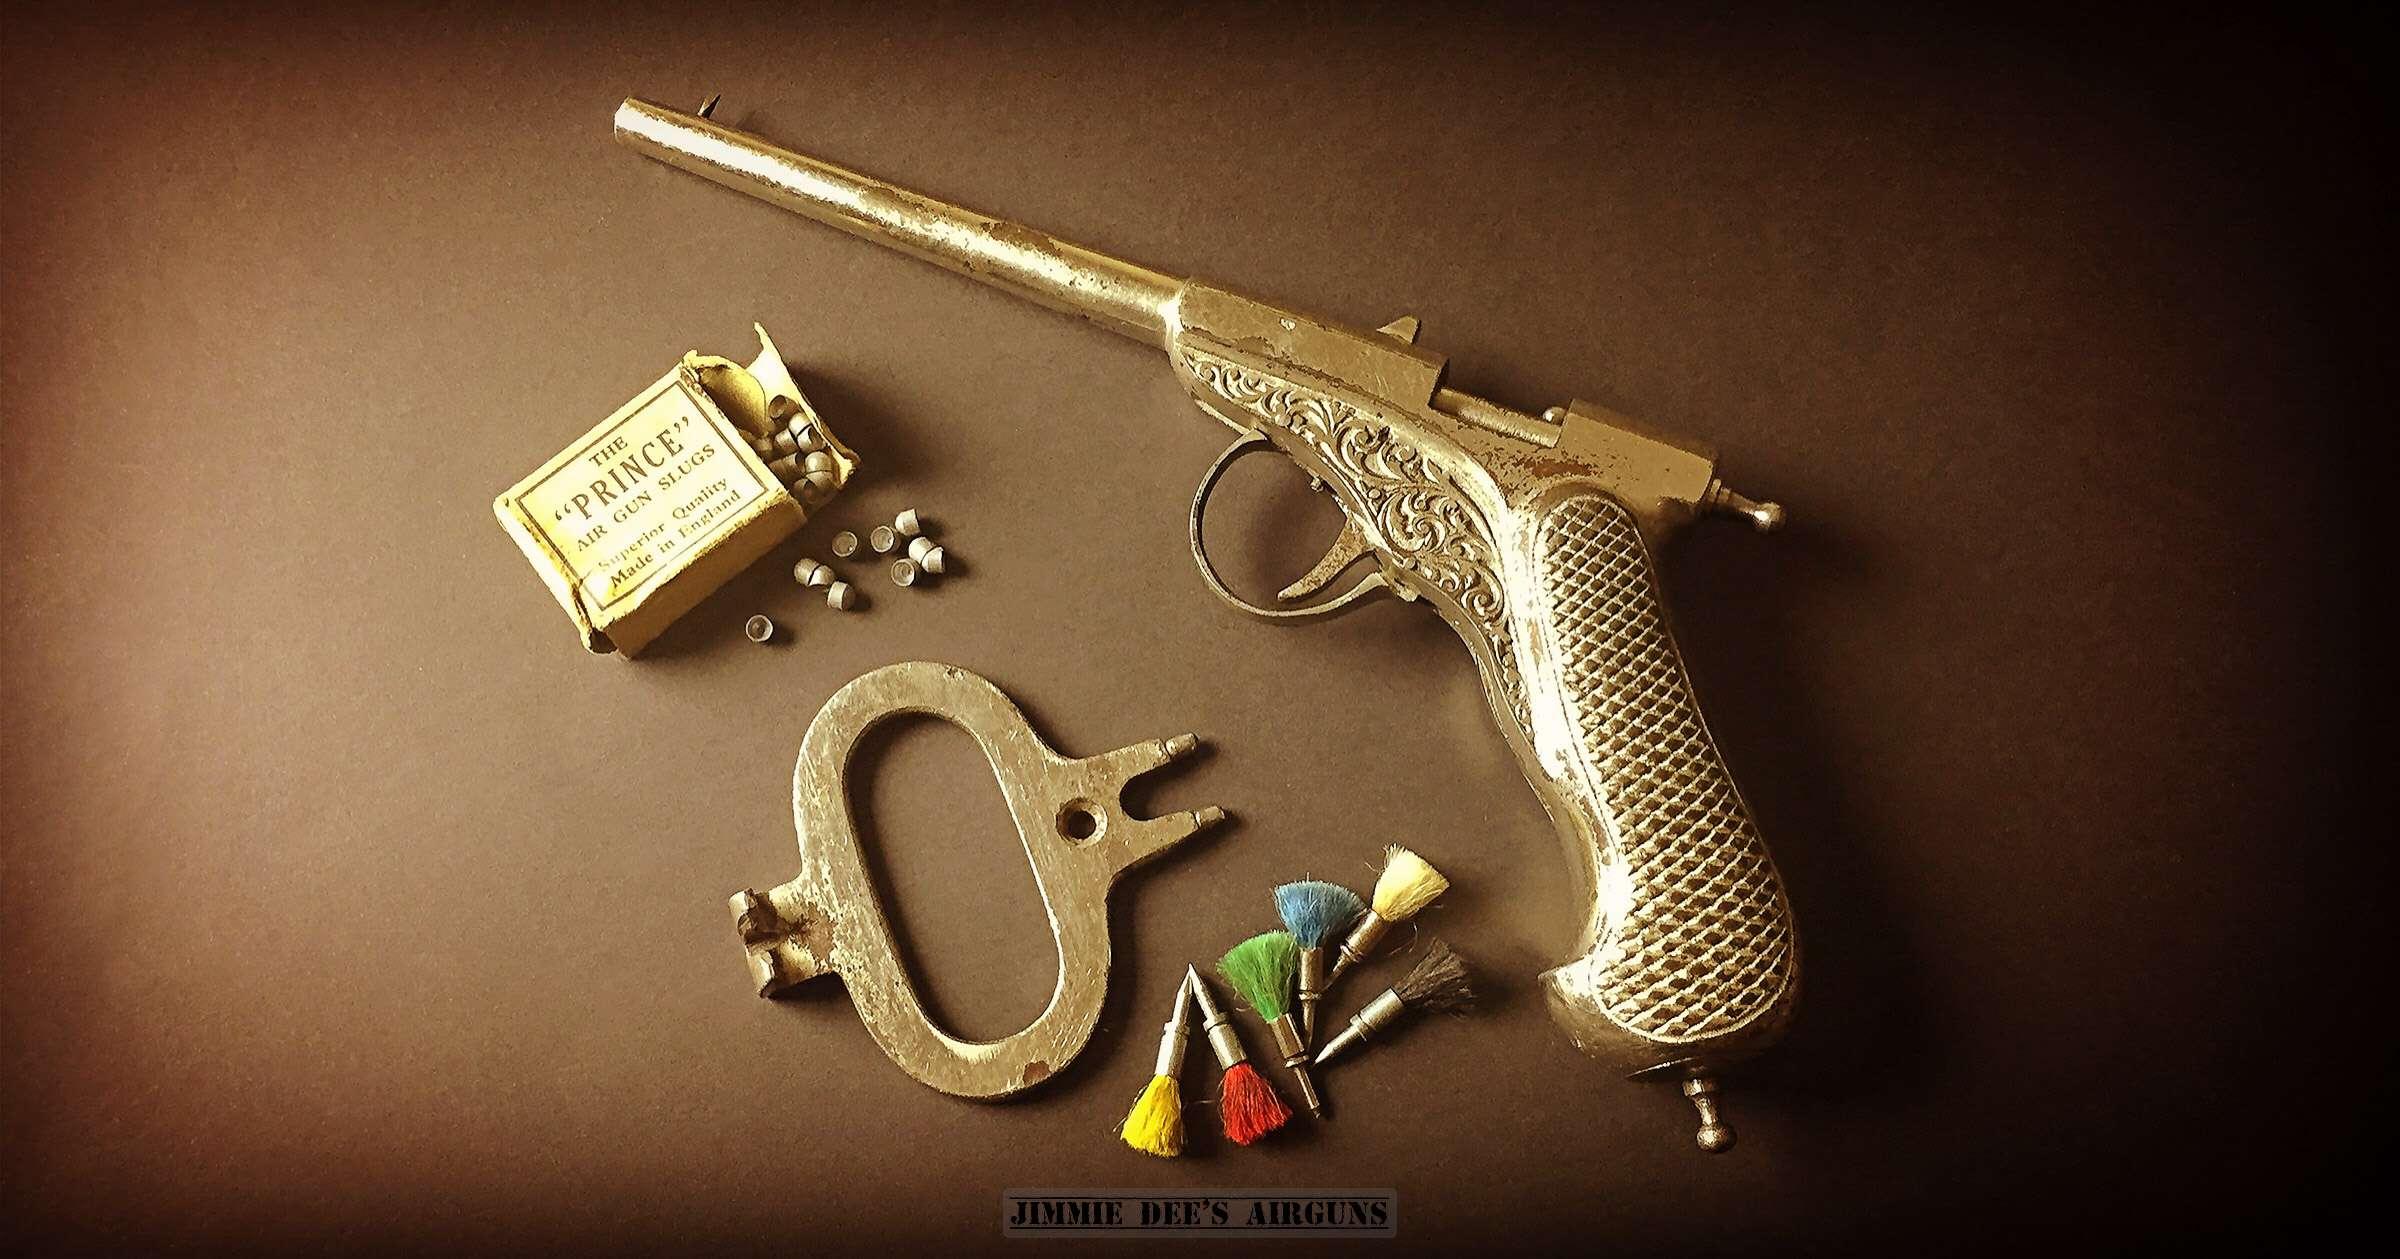 Michael Flürscheim's MF air pistol